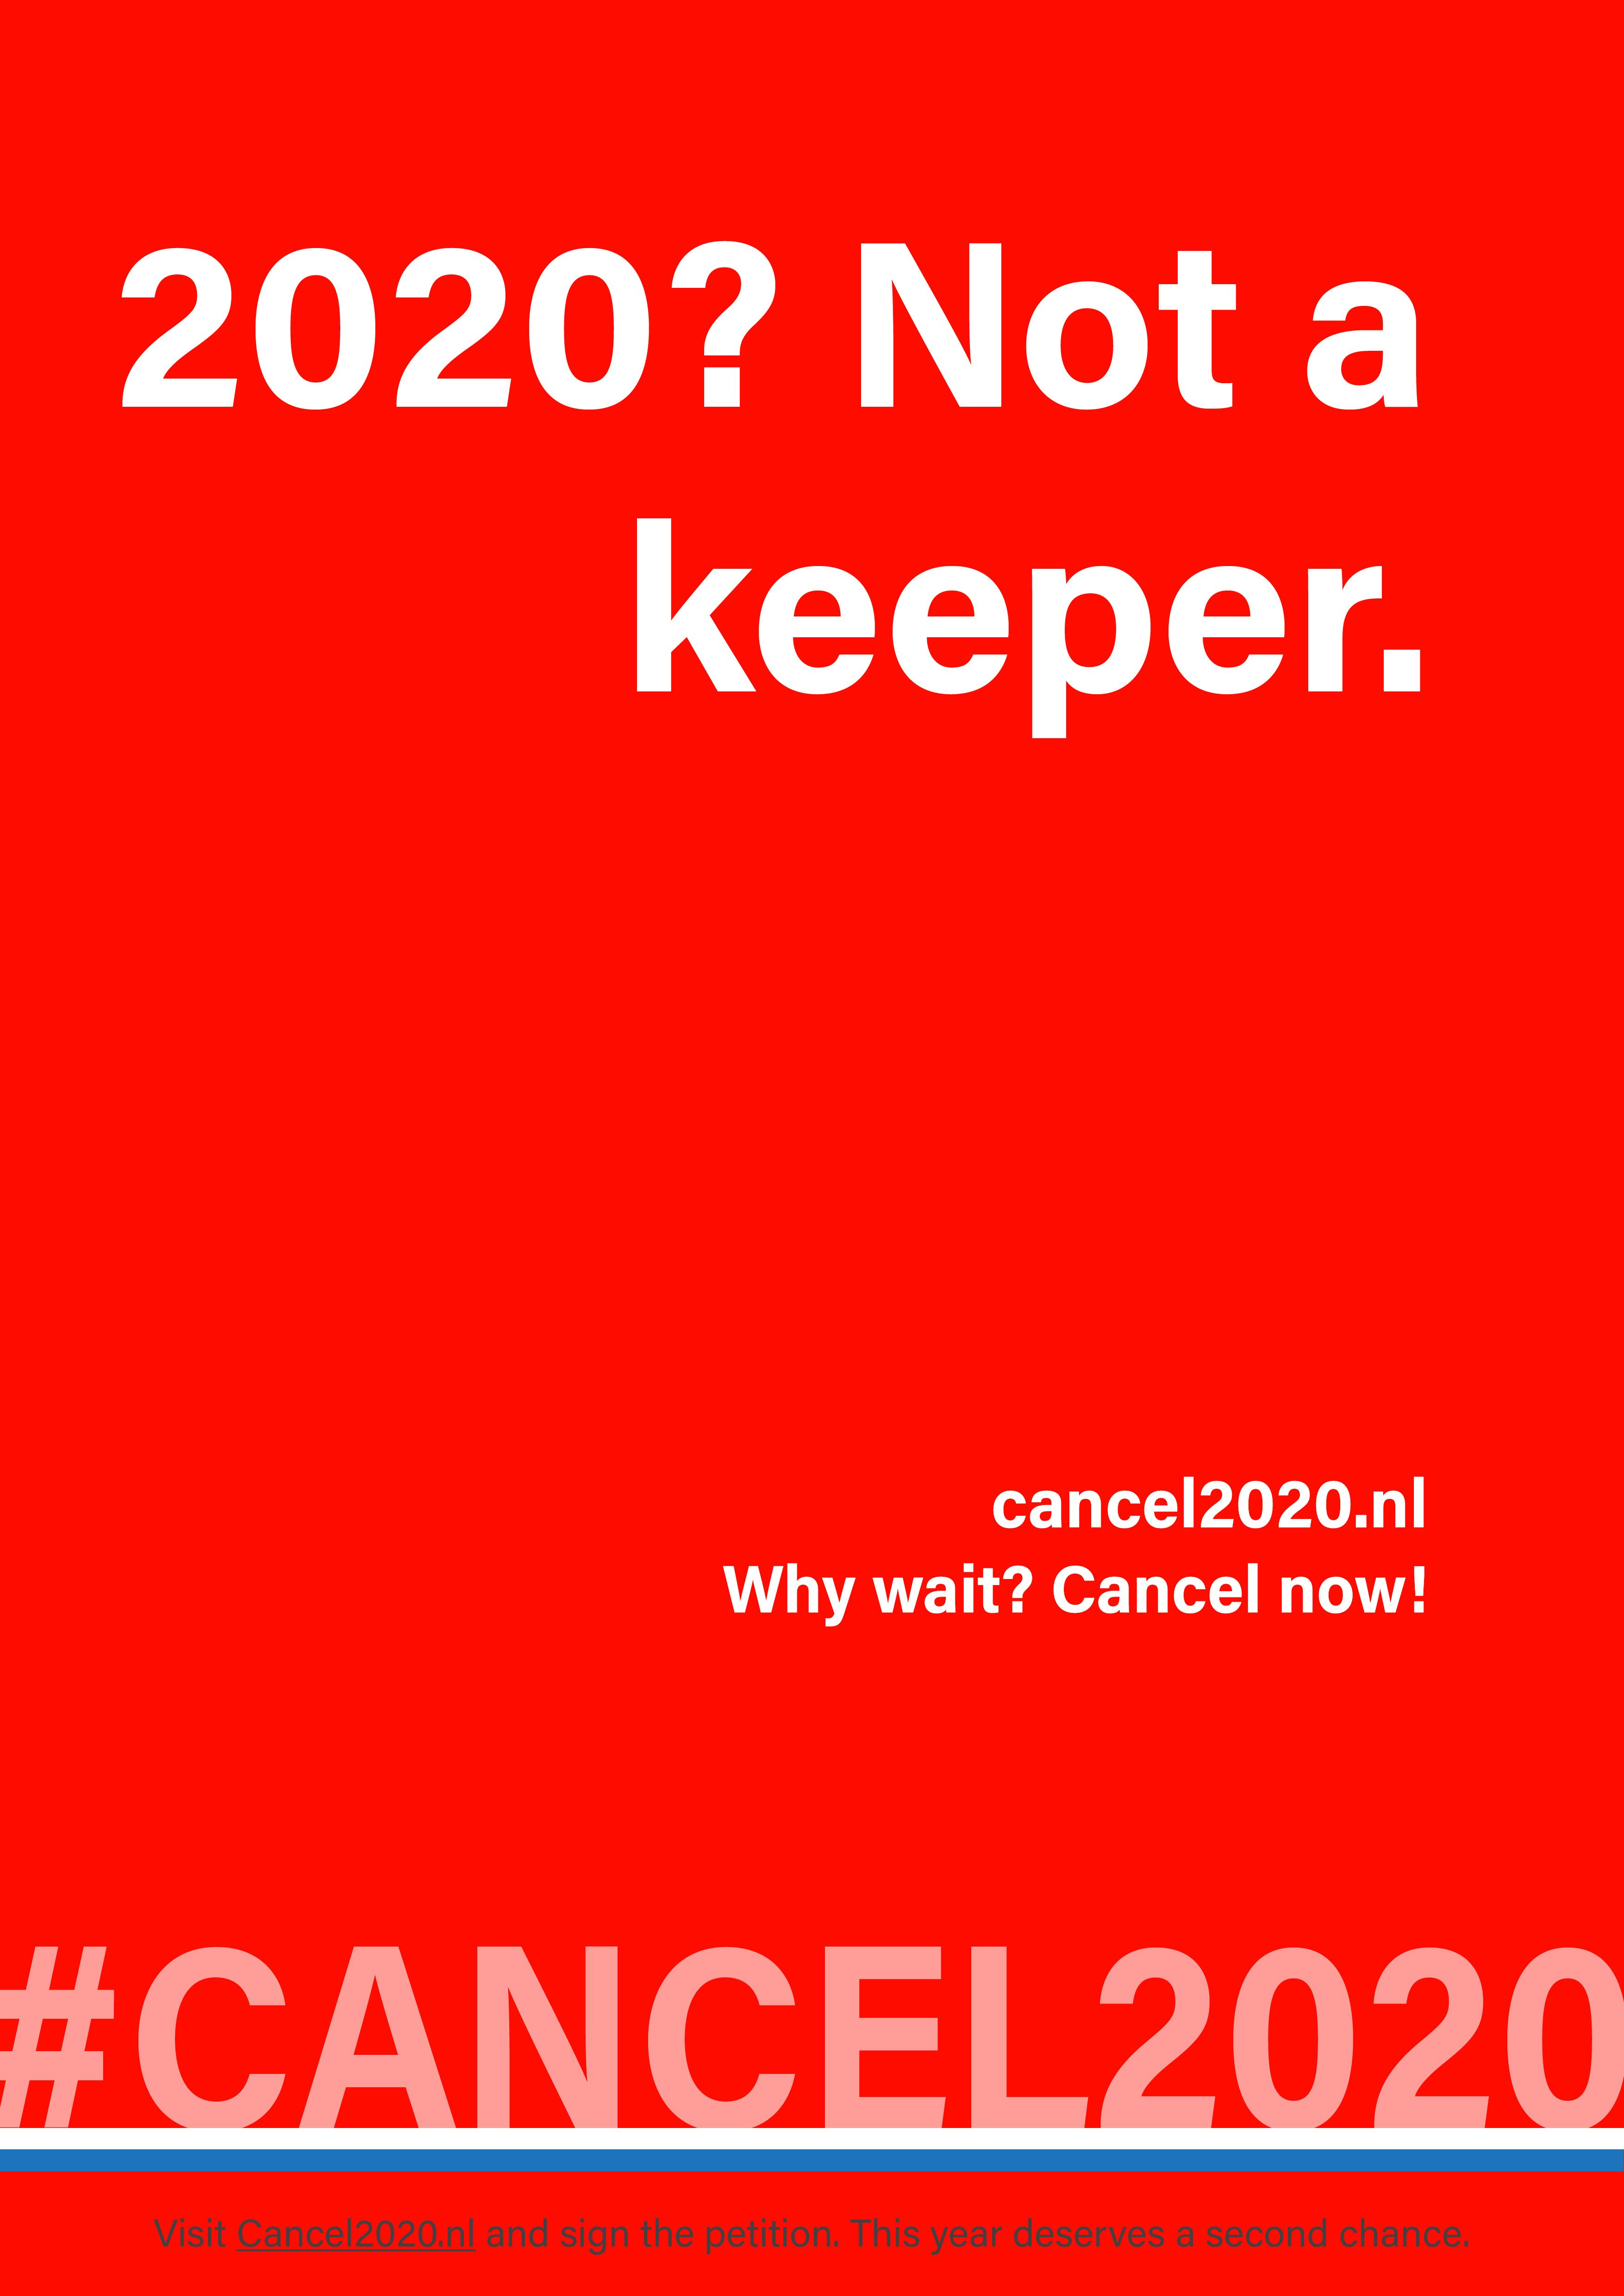 Cancel 2020 quotes-13